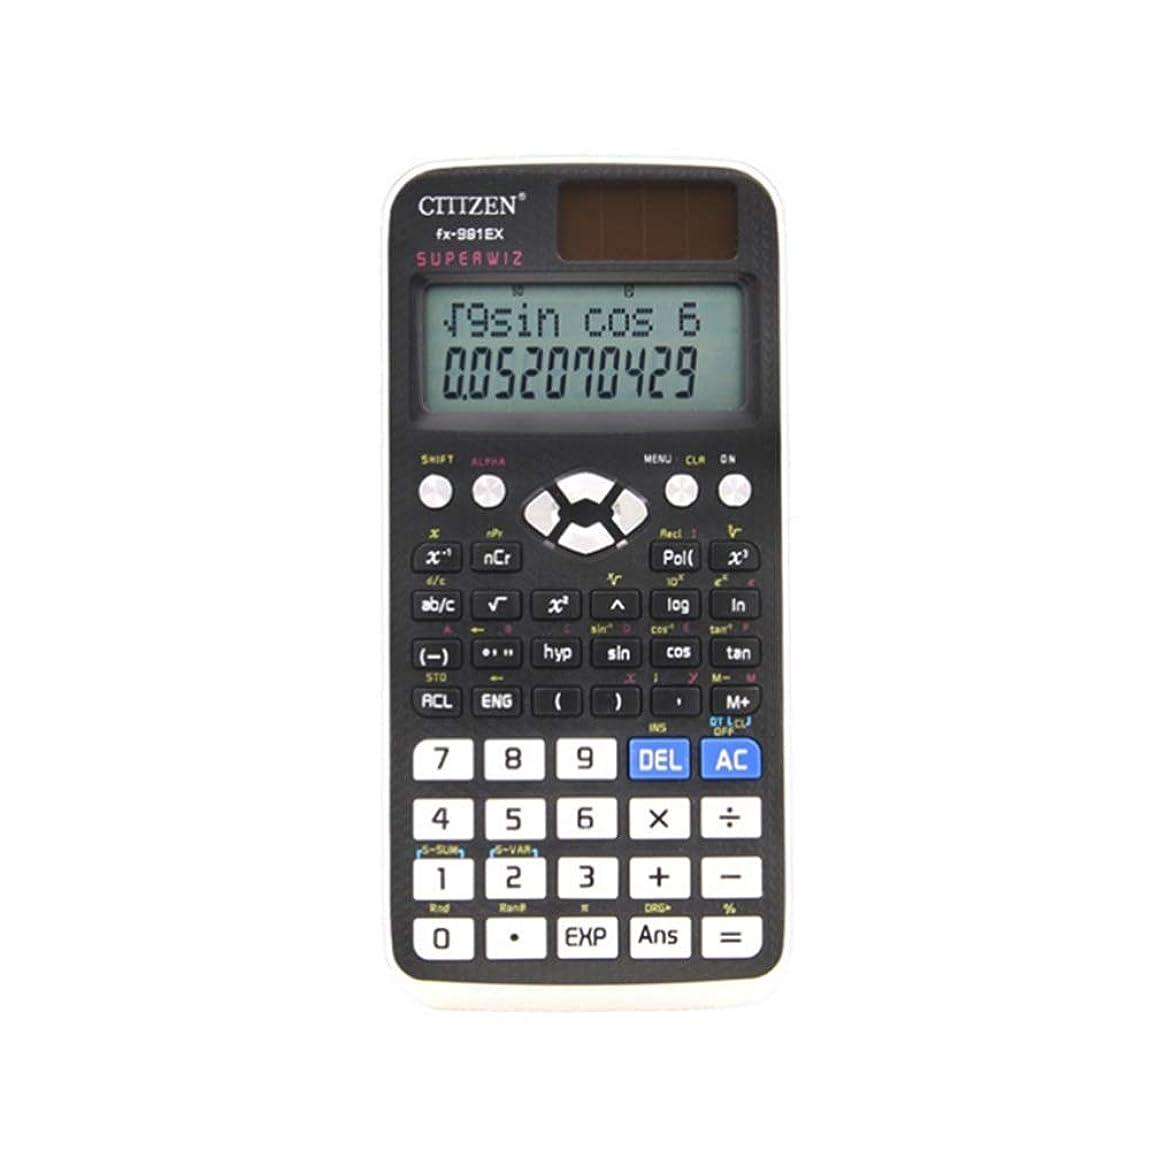 スクラッチ彼らのもの構造ビジネス電卓 MultiView 240の機能科学的な計算機電池LCDの表示オフィスの電卓10 + 2桁の電子デスクトップの電卓大型ディスプレイビジネスギフト ミニジャストタイプ電卓